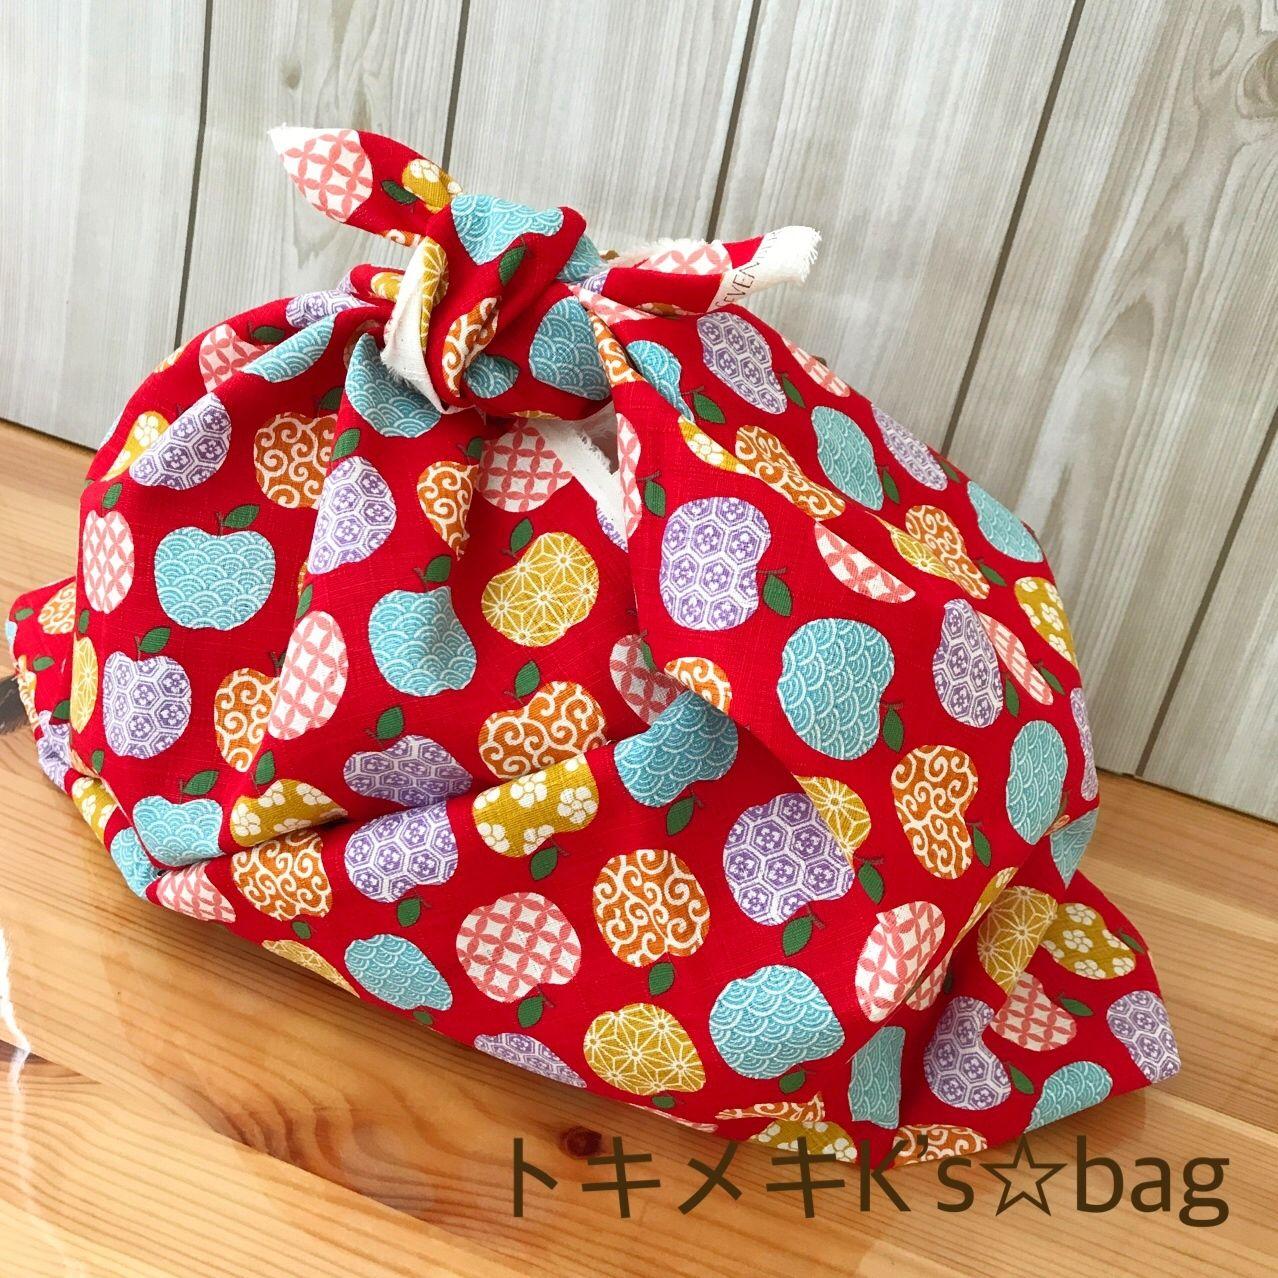 【あずま袋のお弁当包 B】